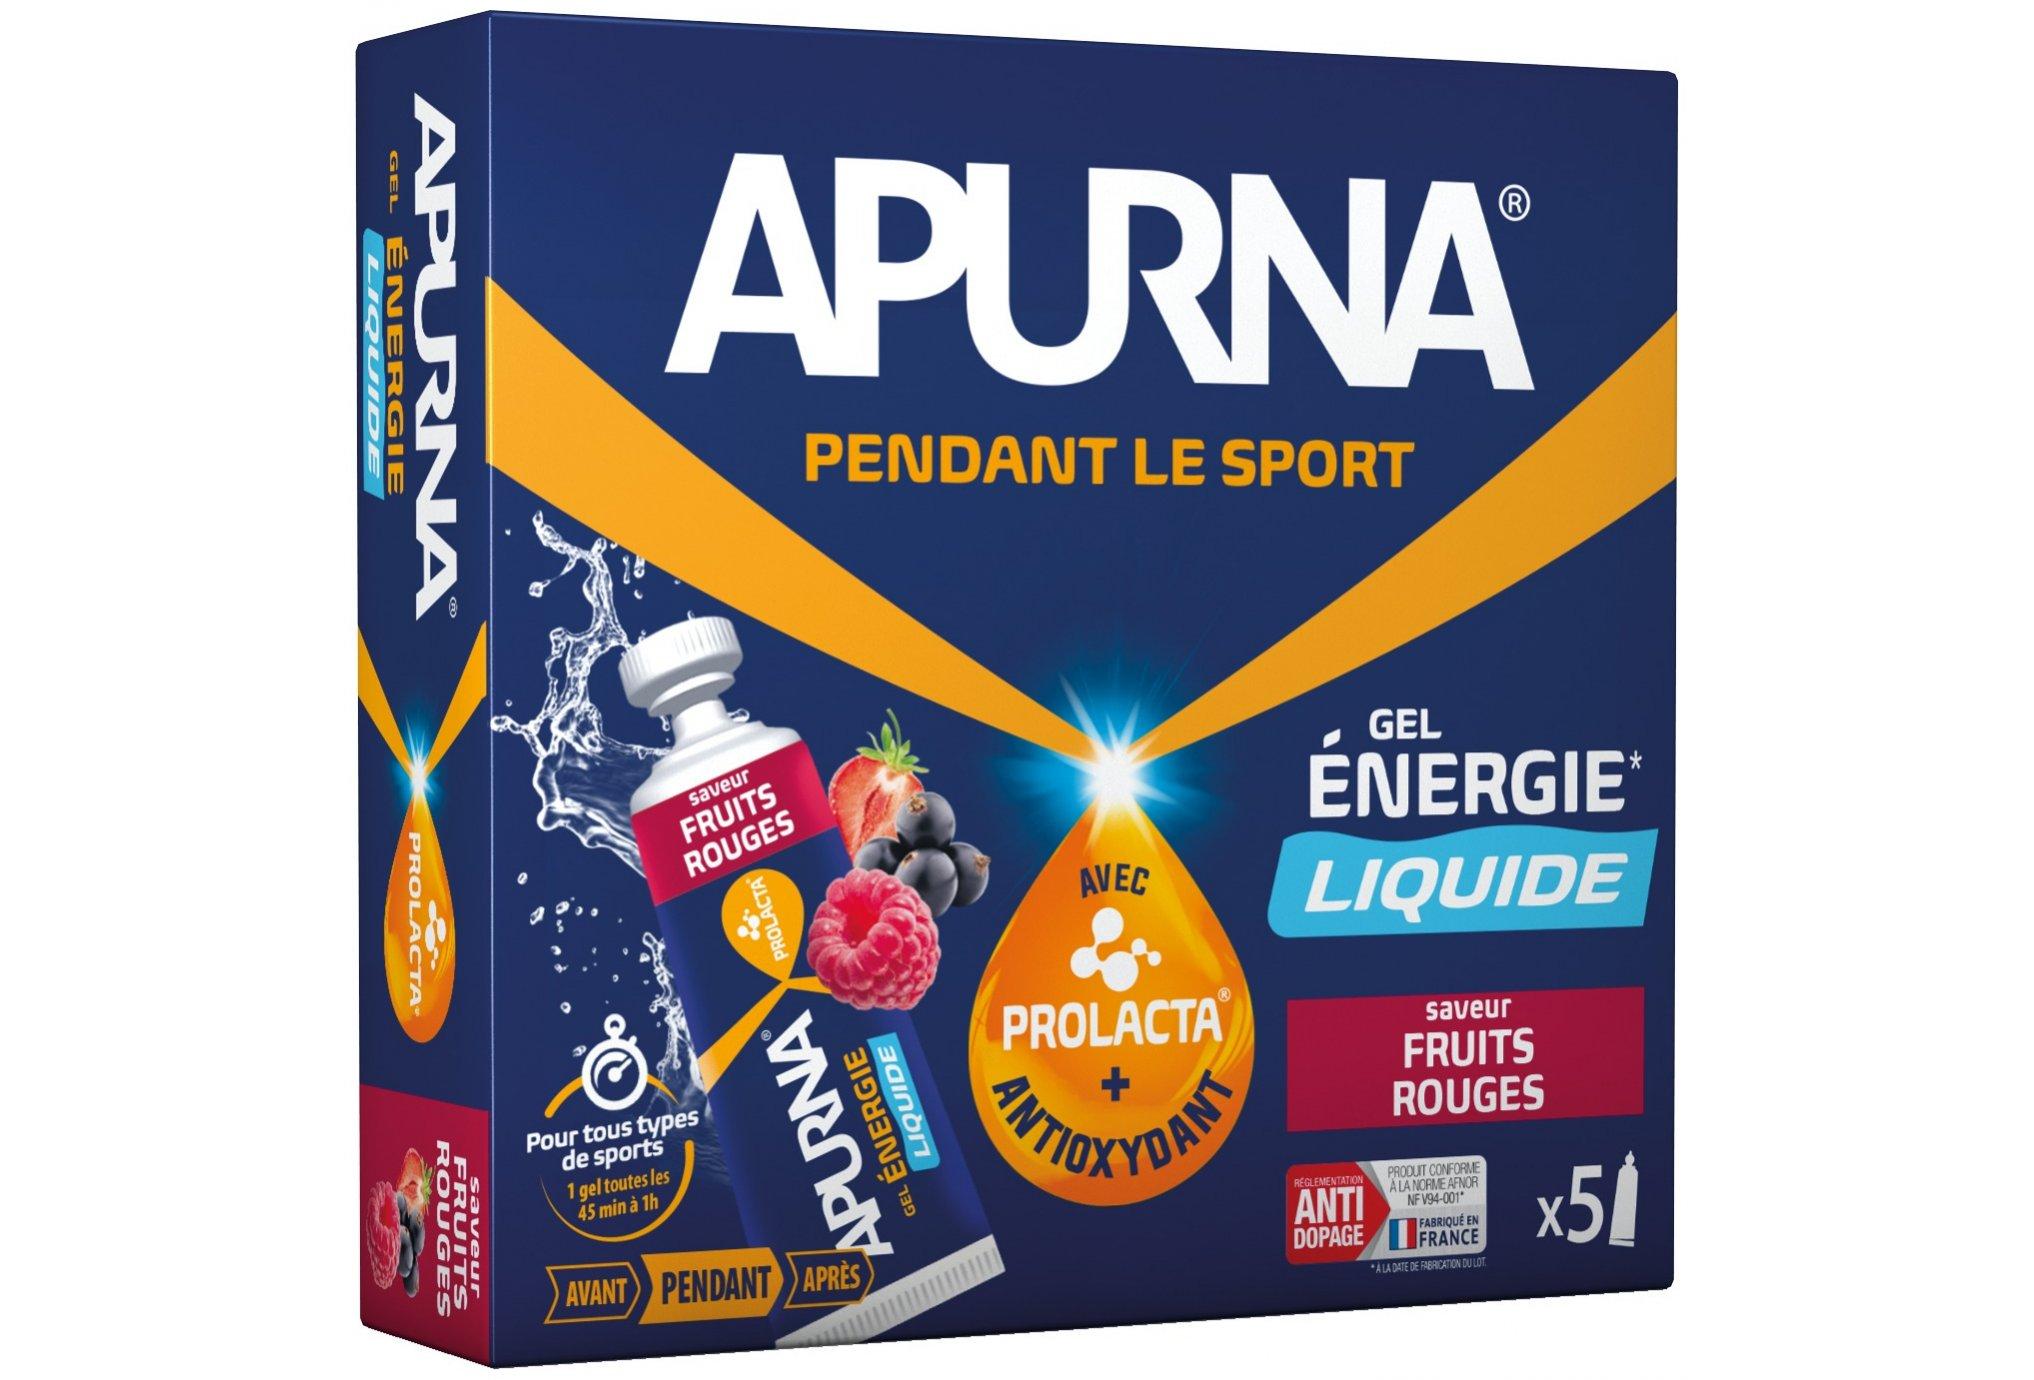 Apurna Etui gels energétiques liquide - fruits rouges diététique gels